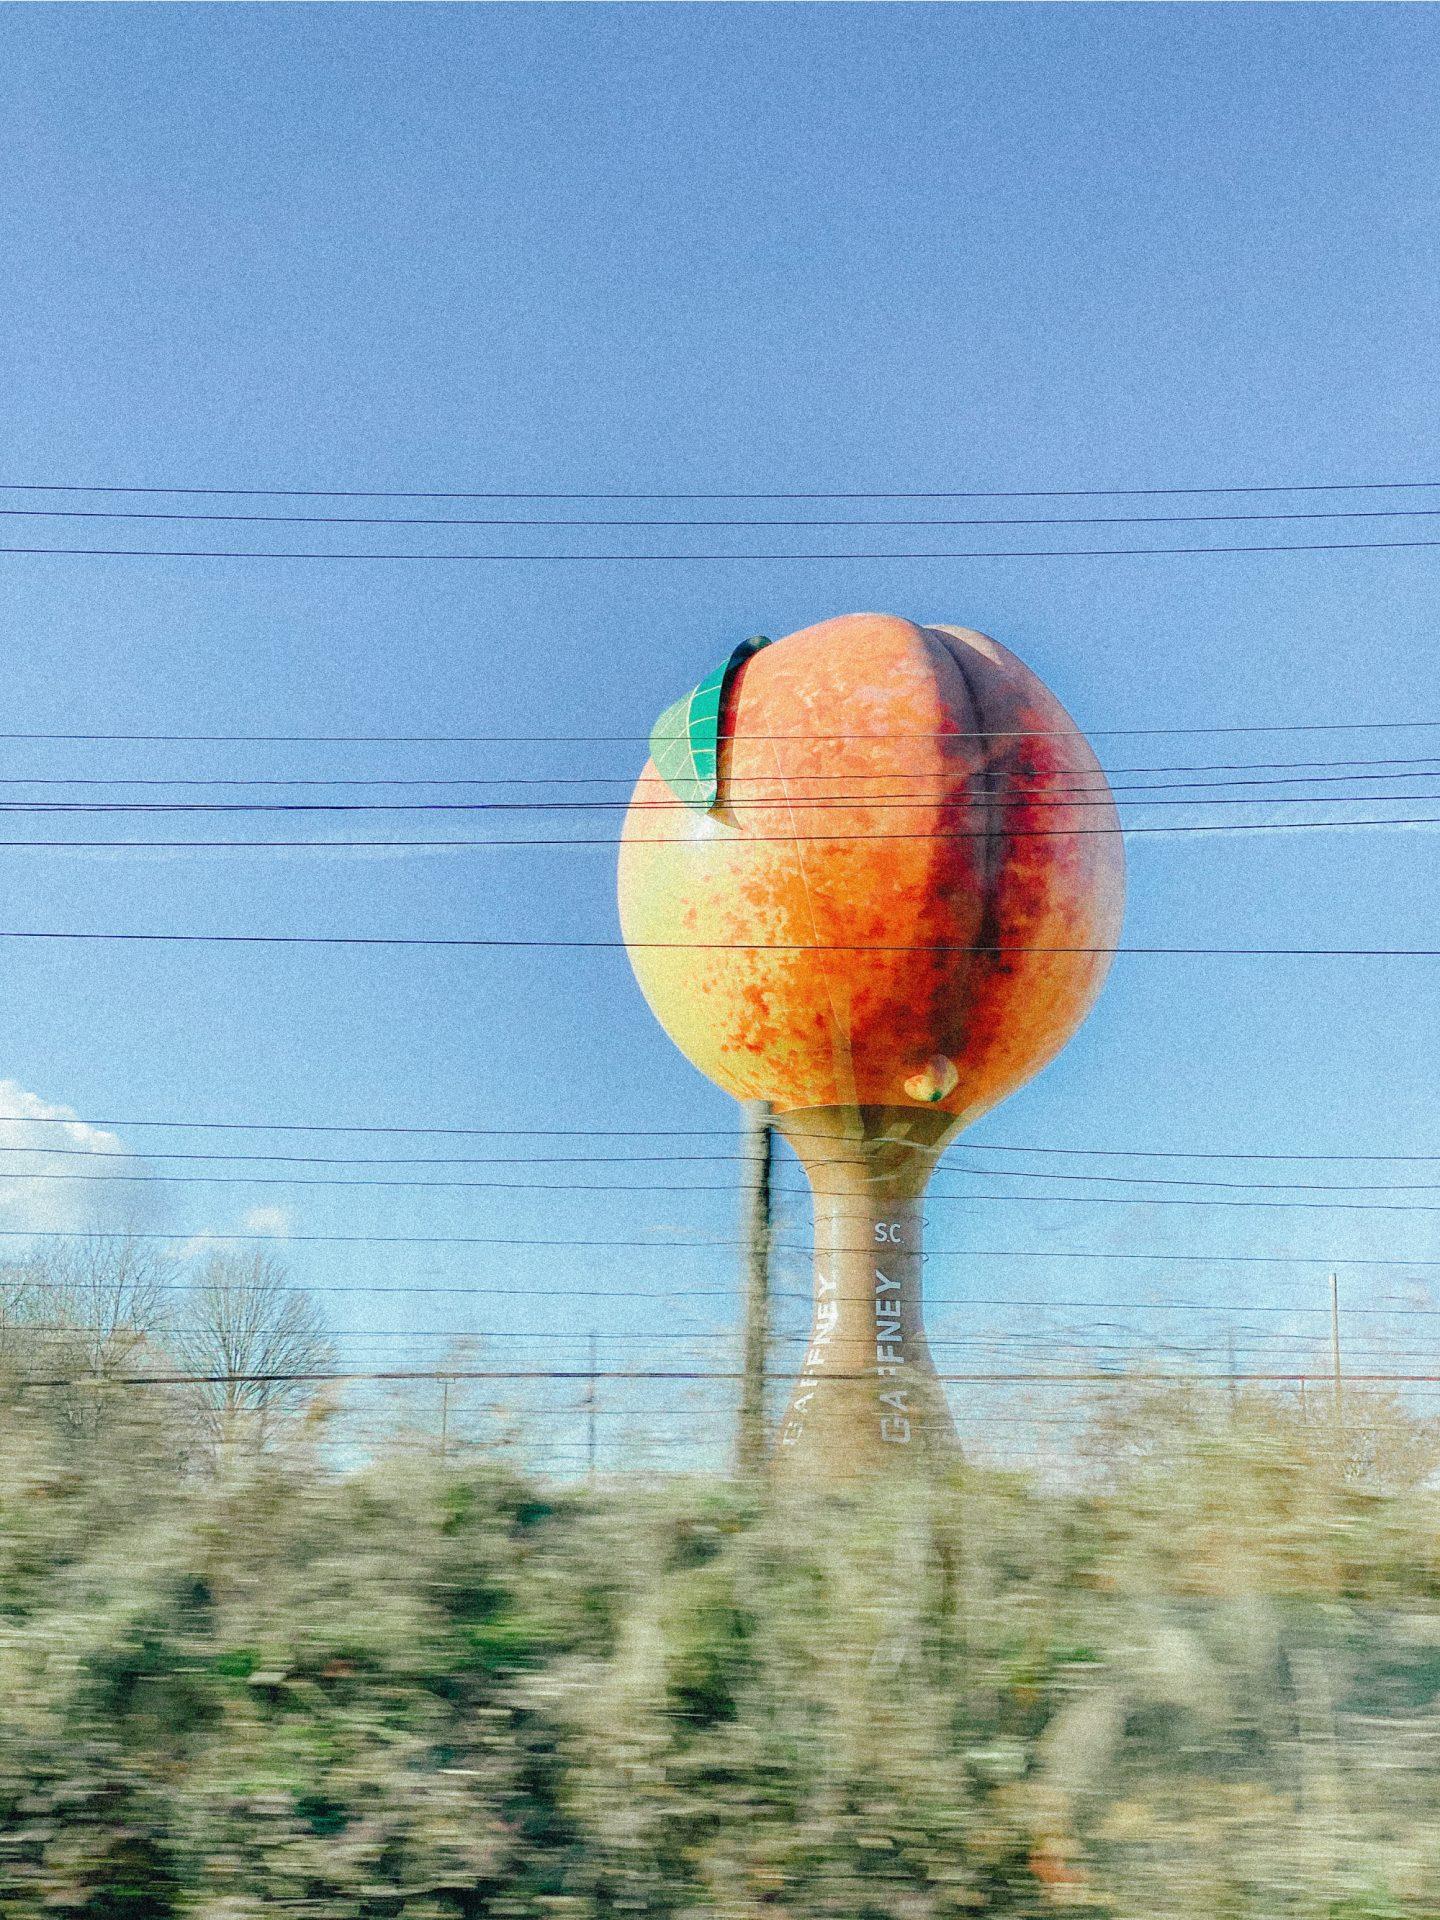 Gaffney South Carolina, Gaffney, peach, South Carolina, recap blog